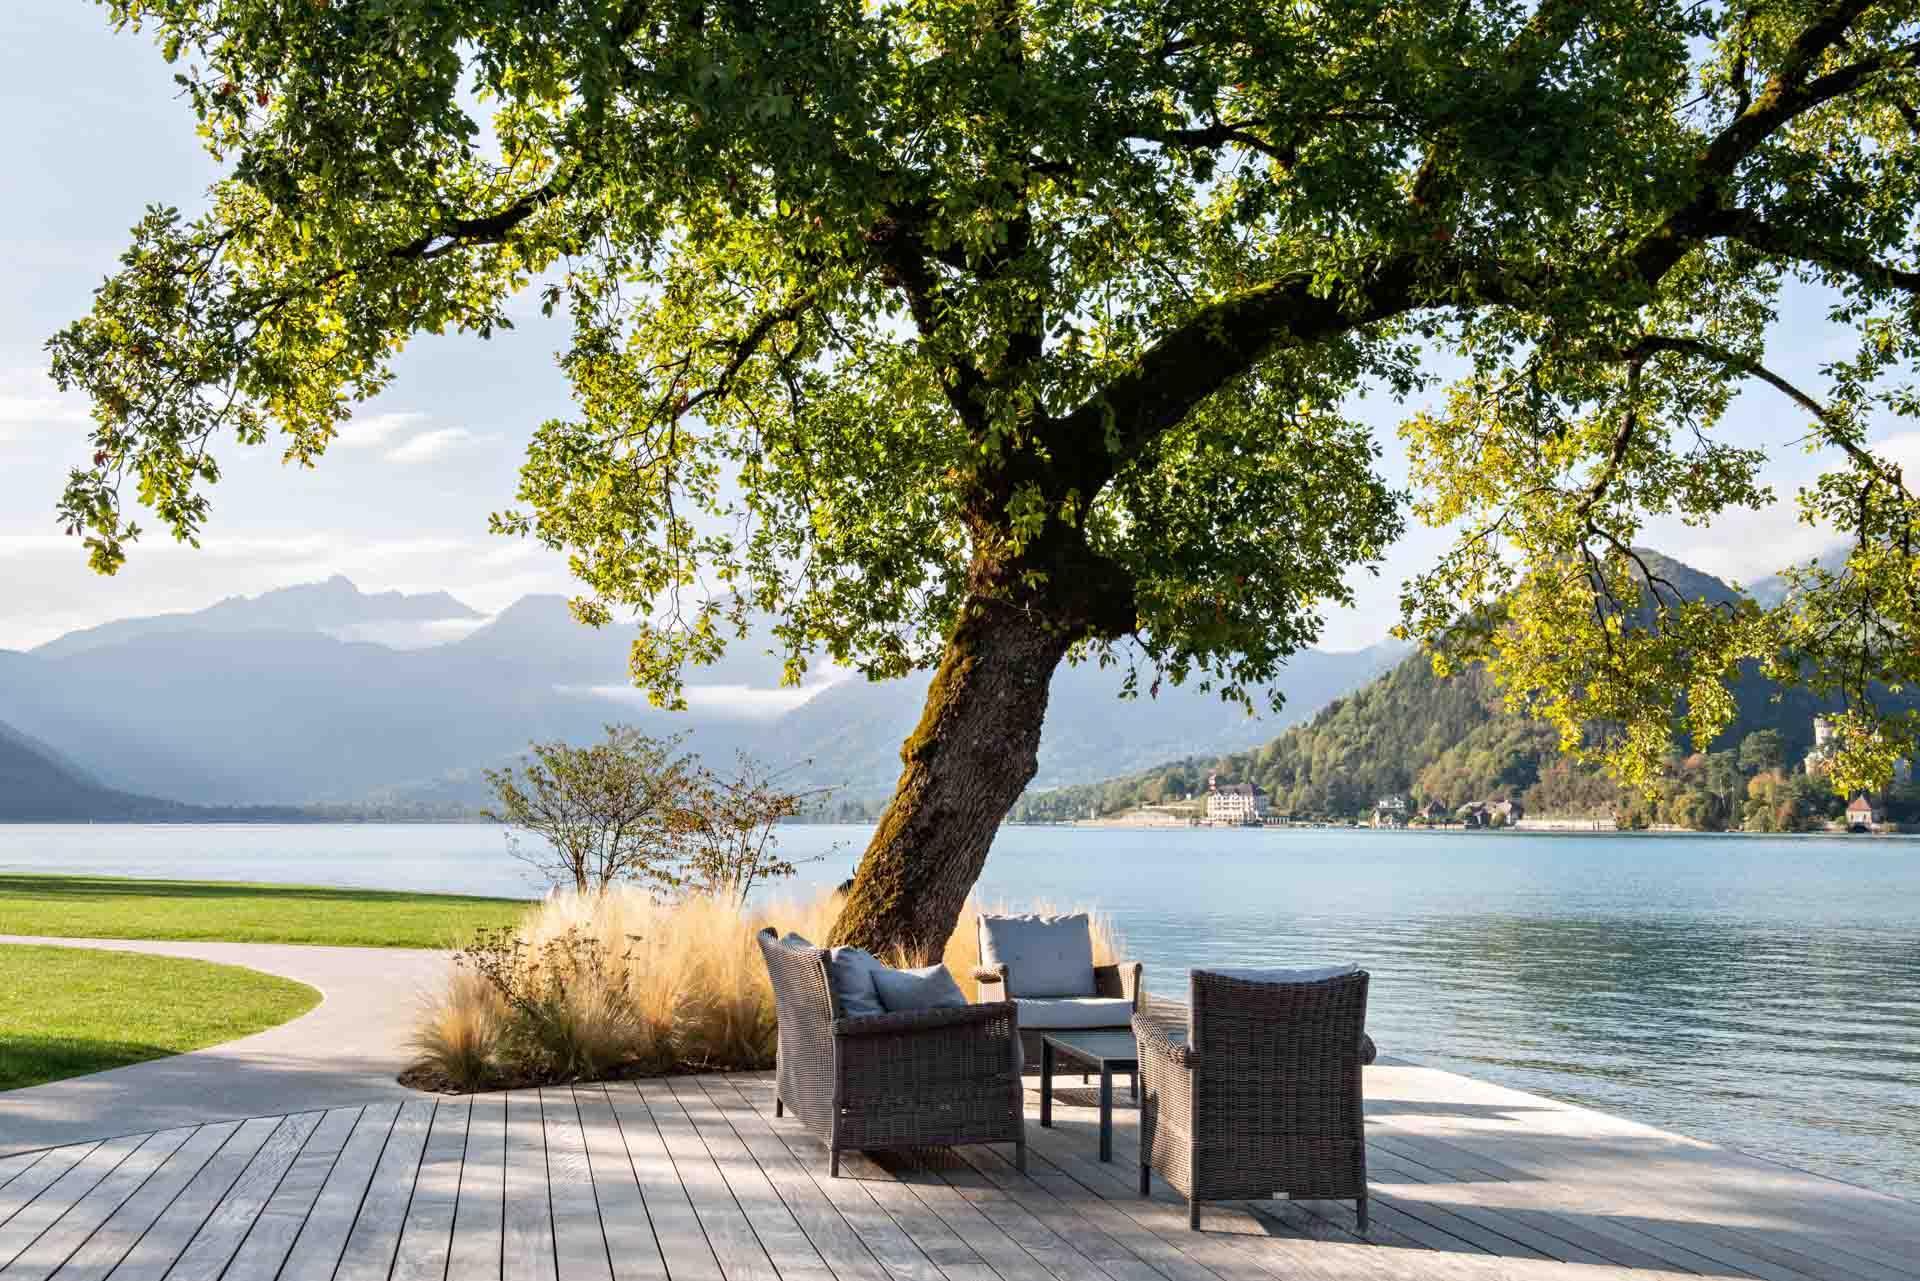 Les jardins de l'Auberge du Père Bise descendent doucement vers les berges du lac d'Annecy © Be attitude